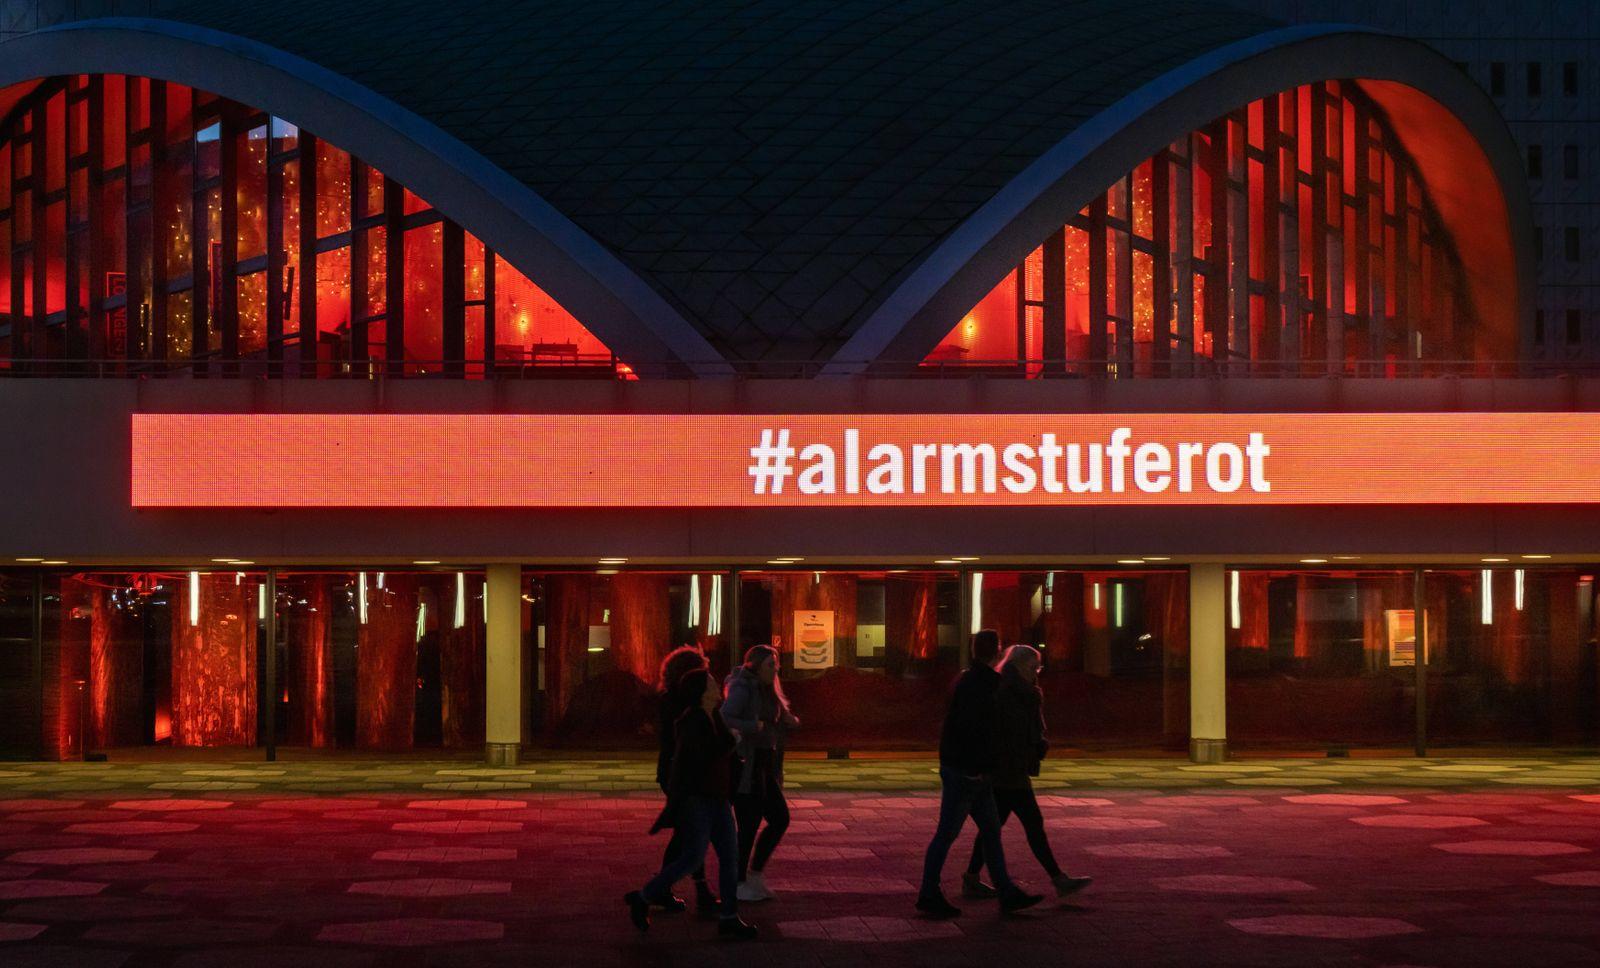 Dortmund, 14.11.2020: Das wegen der Coronakrise geschlossene Theater Dortmund erleuchtet in roten Farben. Damit schließ